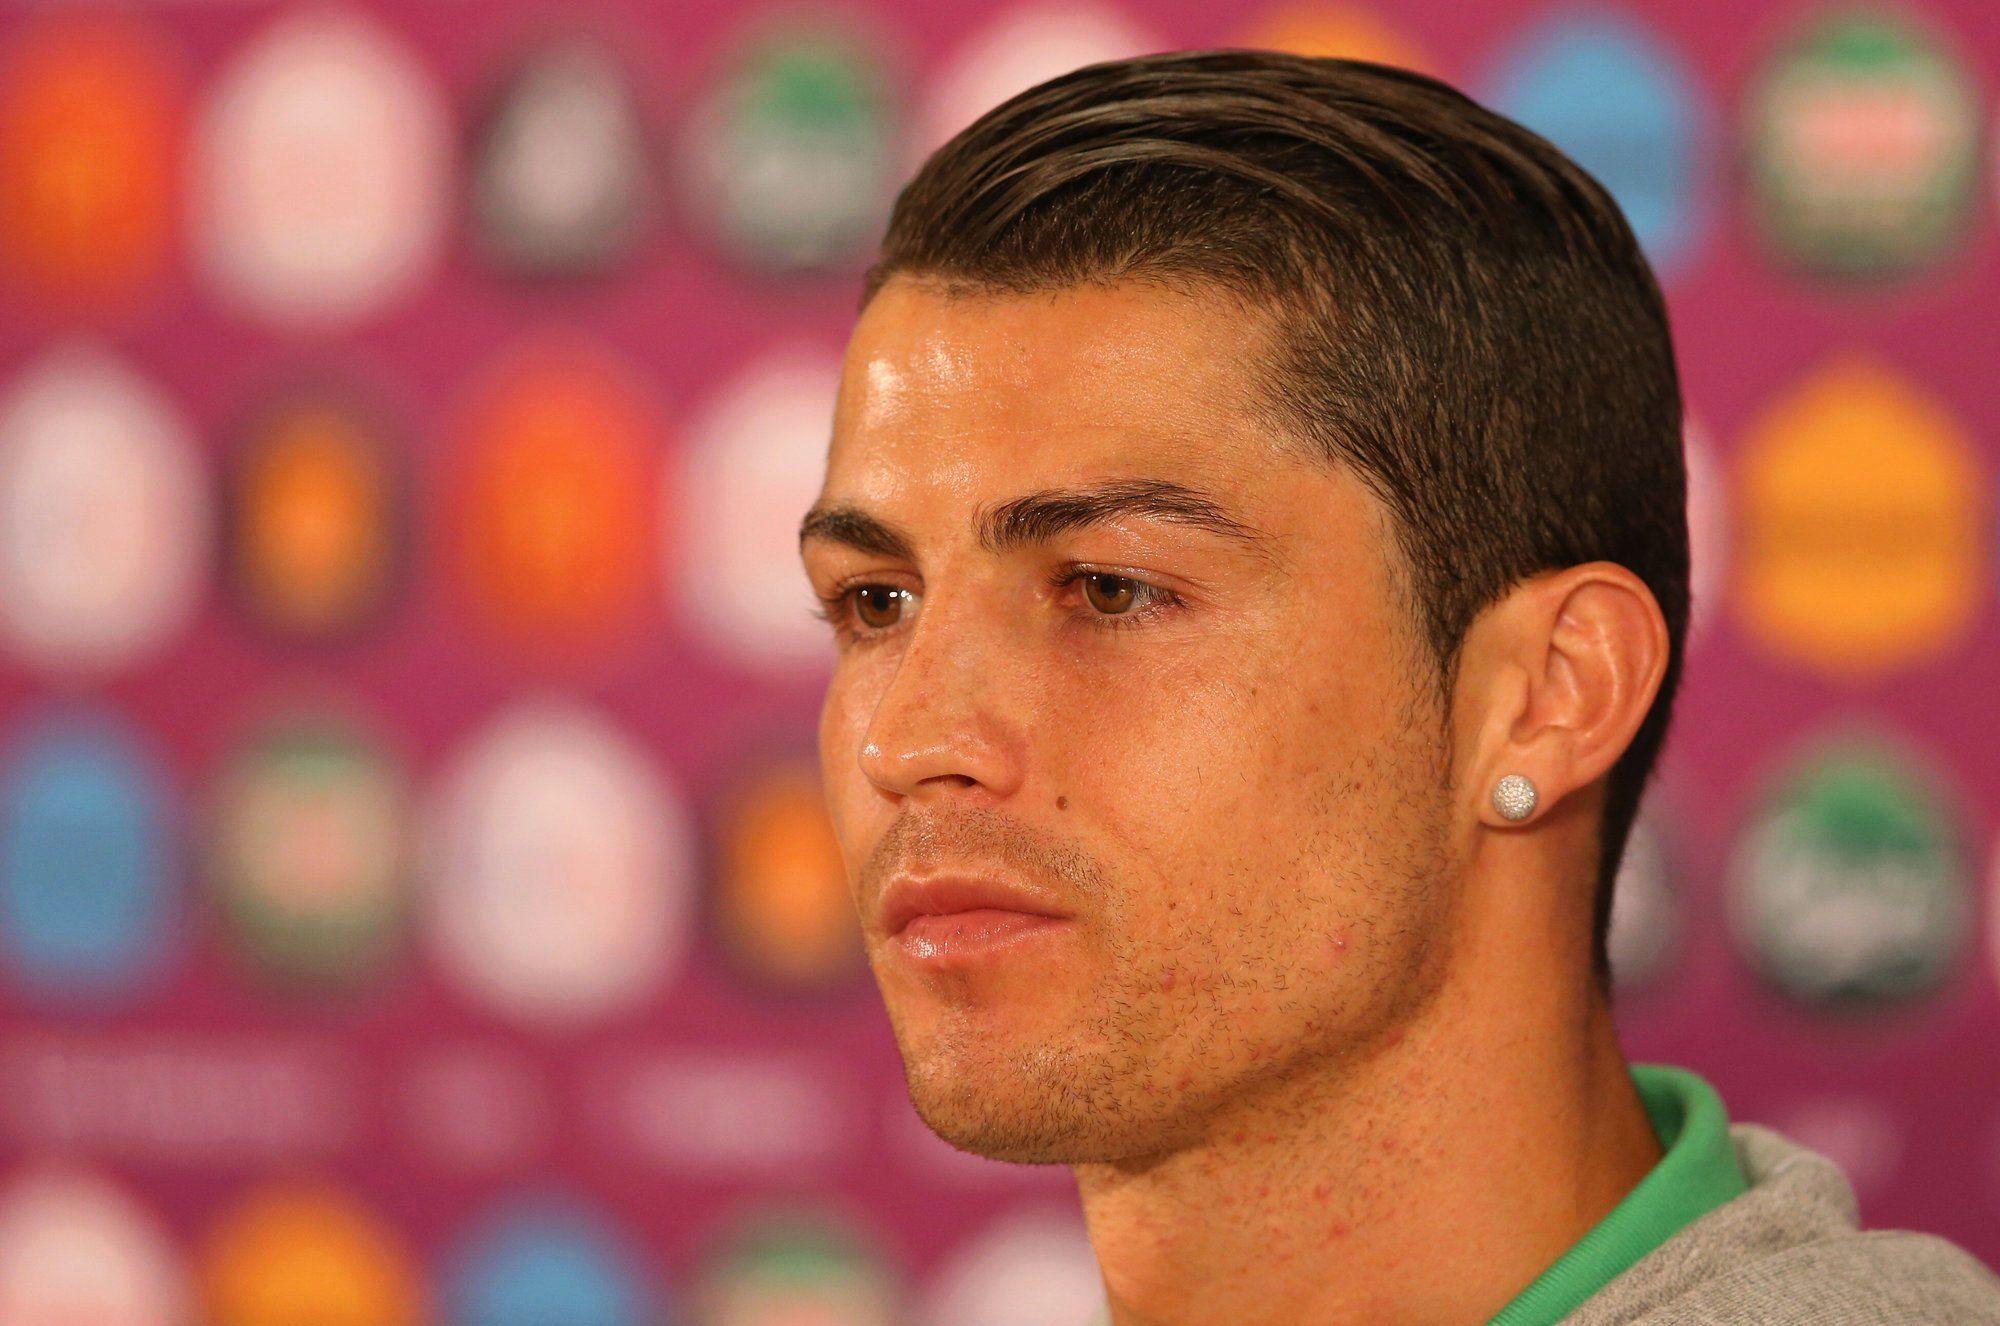 Cristiano Ronaldo Hairstyle 2014 Hd Wallpaper Cristiano Ronaldo